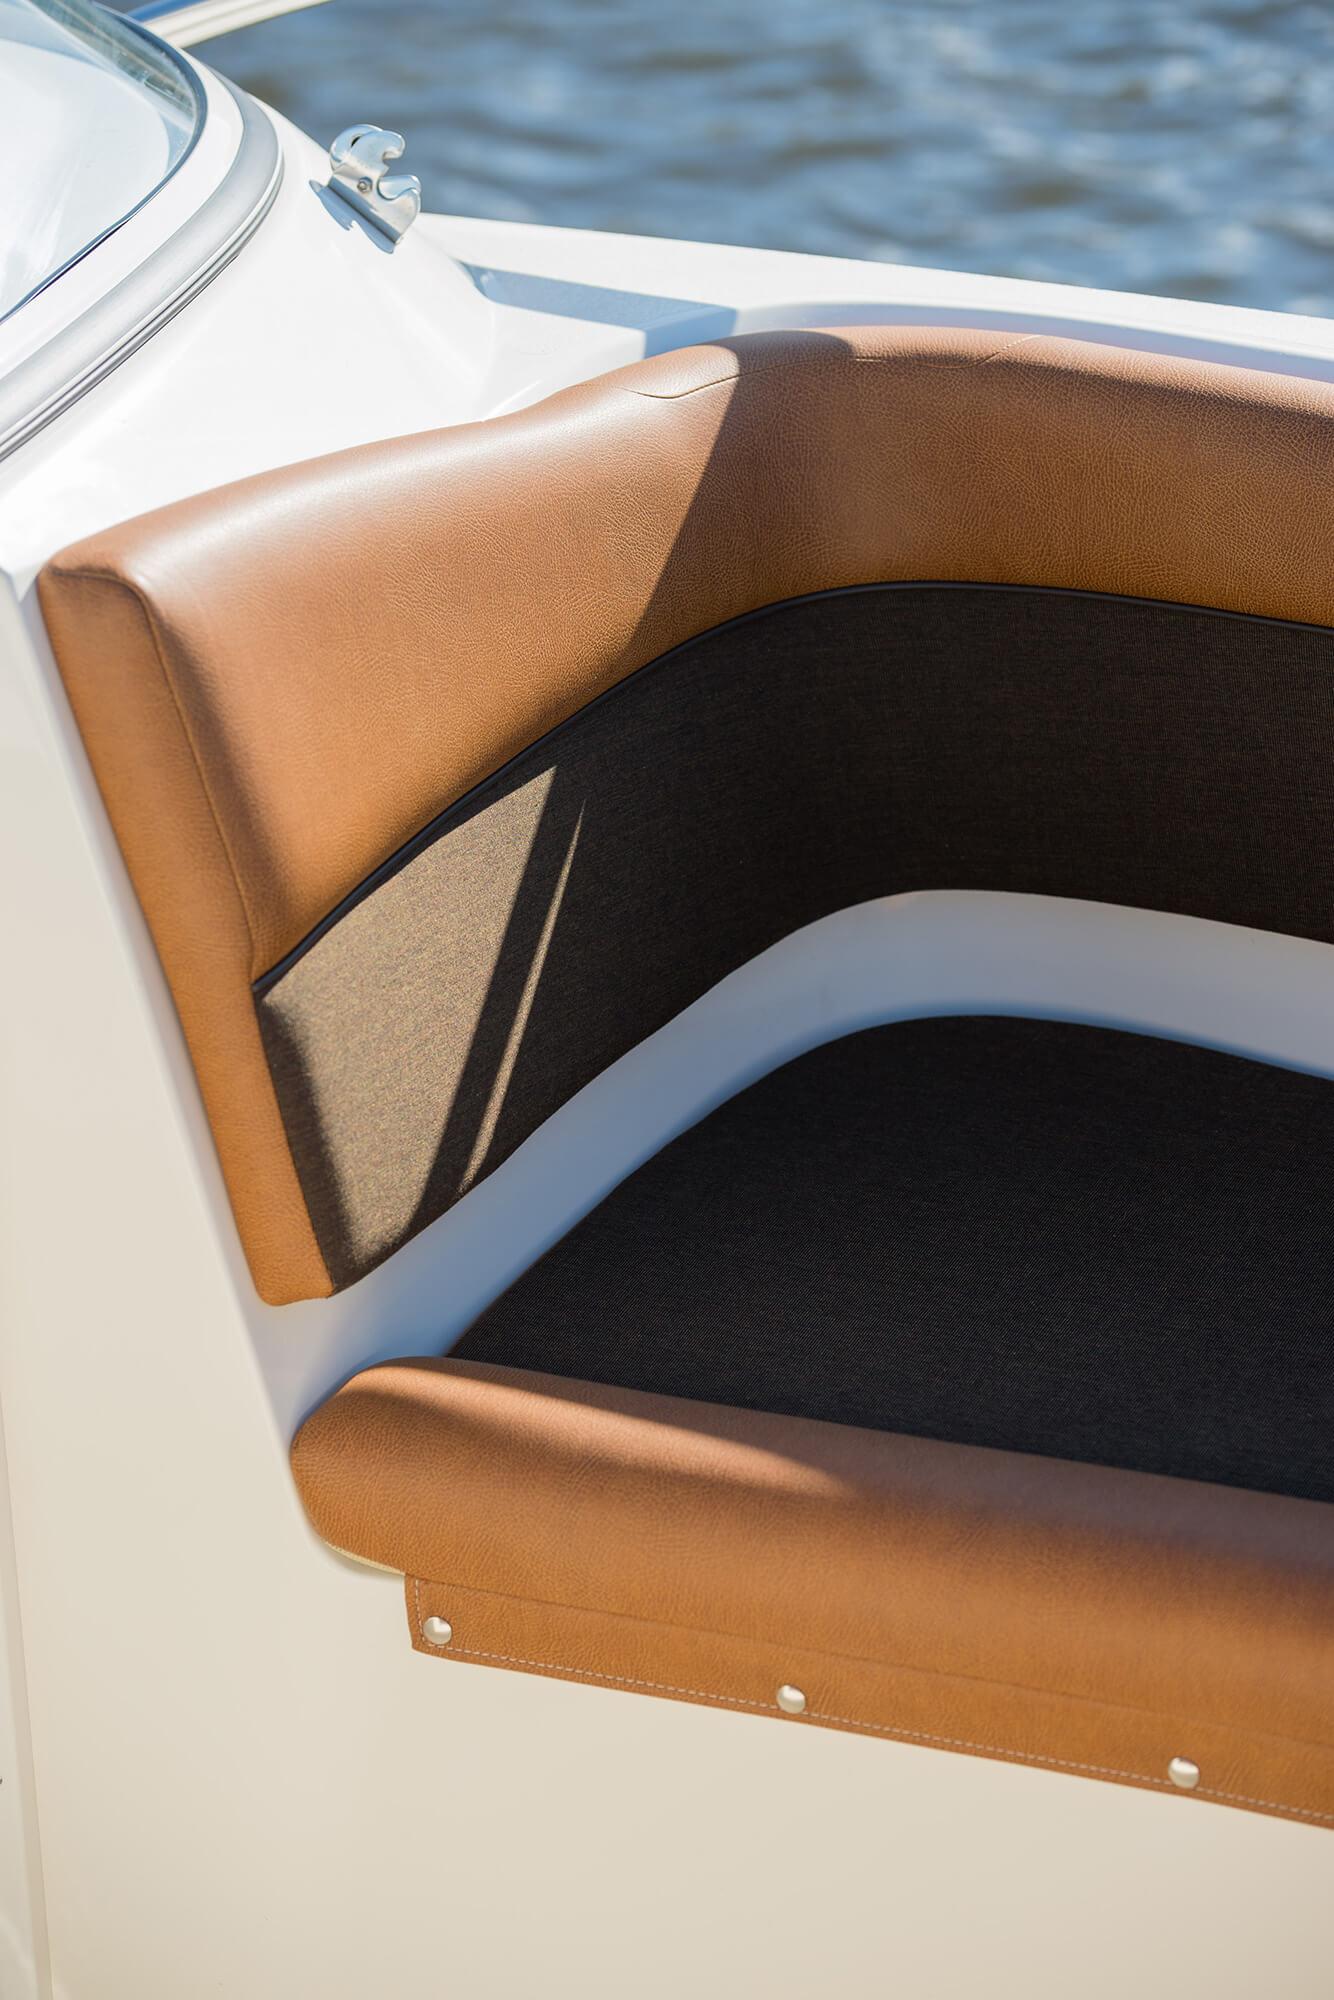 汽船上 Sunbrelle 棕色坐垫的近距离照片